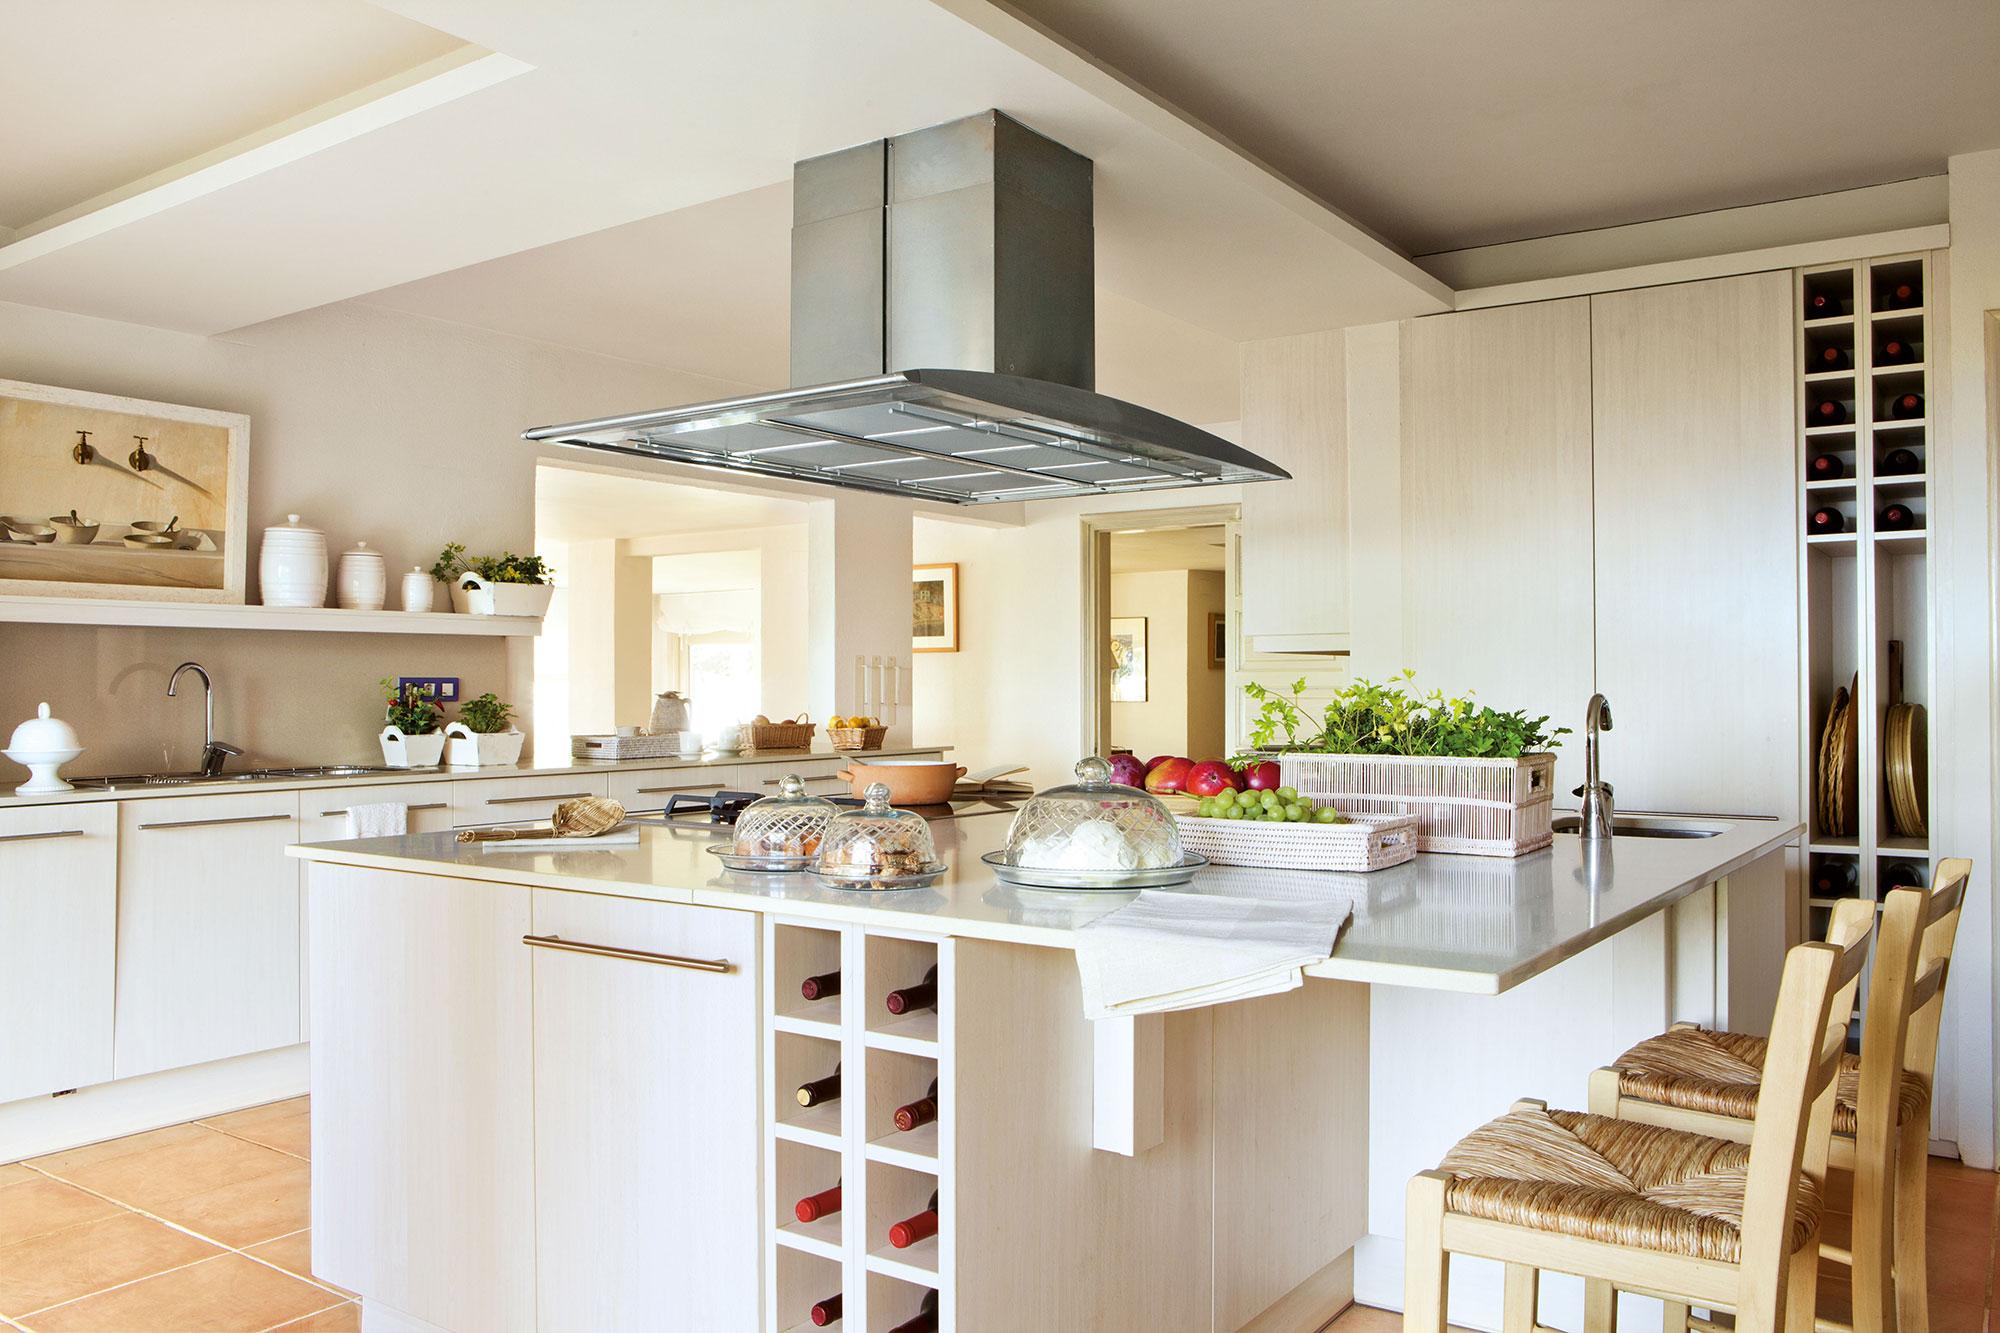 Coordinar gabinete de la cocina piso de madera de color - Cocina Con Una Gran Isla Con Botellero Integrado En Madera Muy Clara